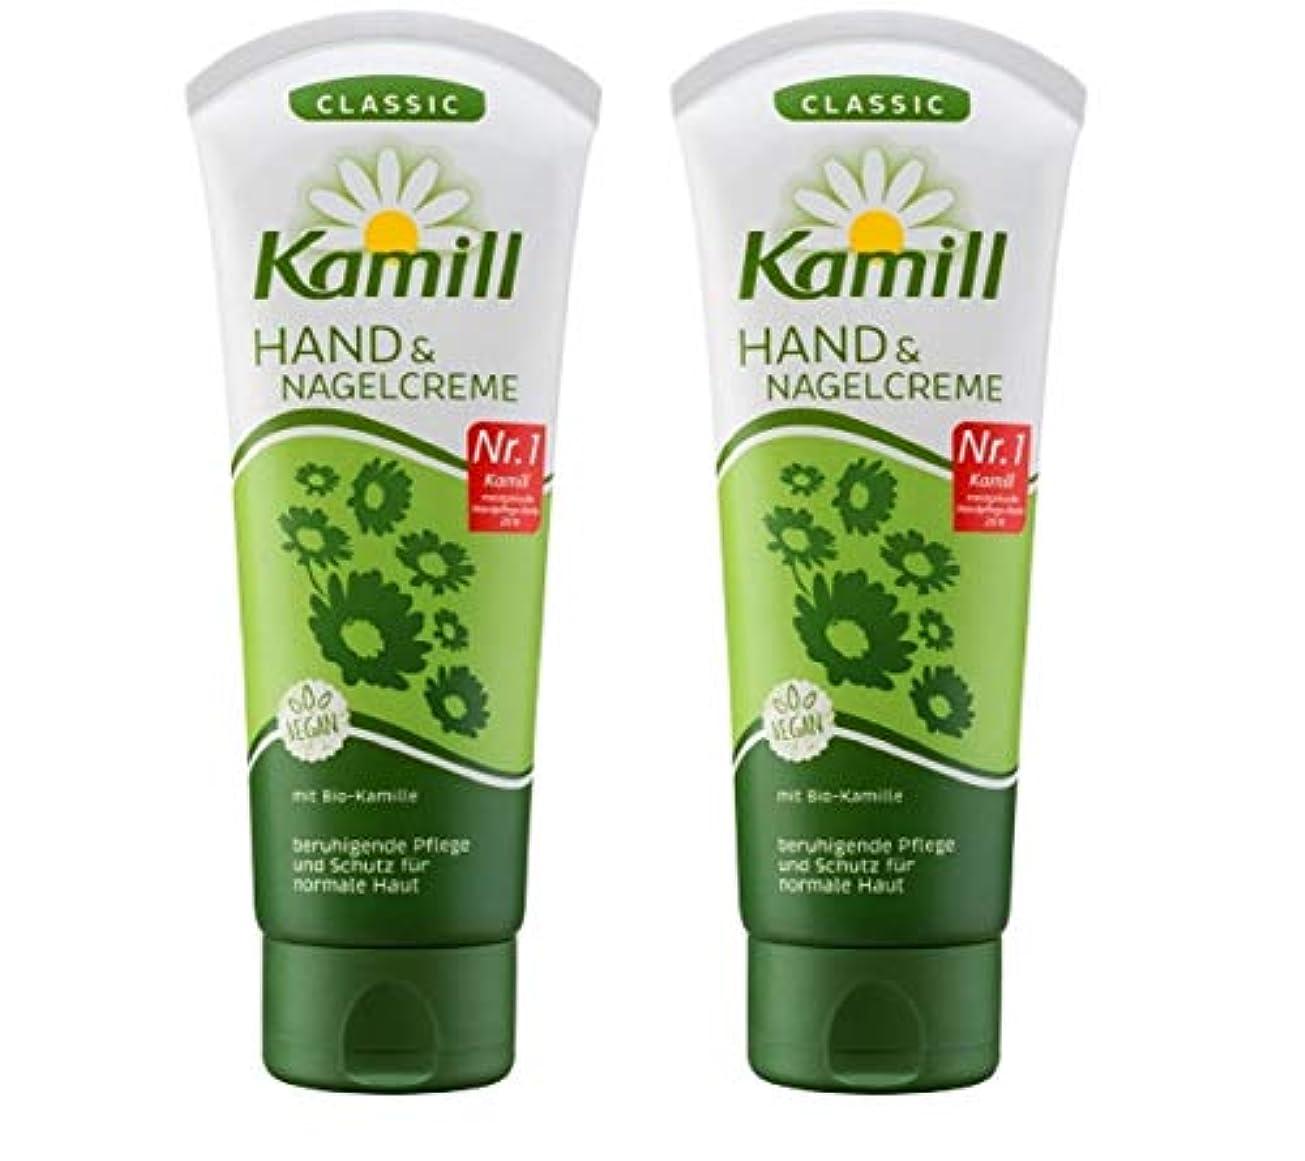 運営マイナス暖炉[Kamill]カミール ハンド&ネイルクリームクラシック100mlx2